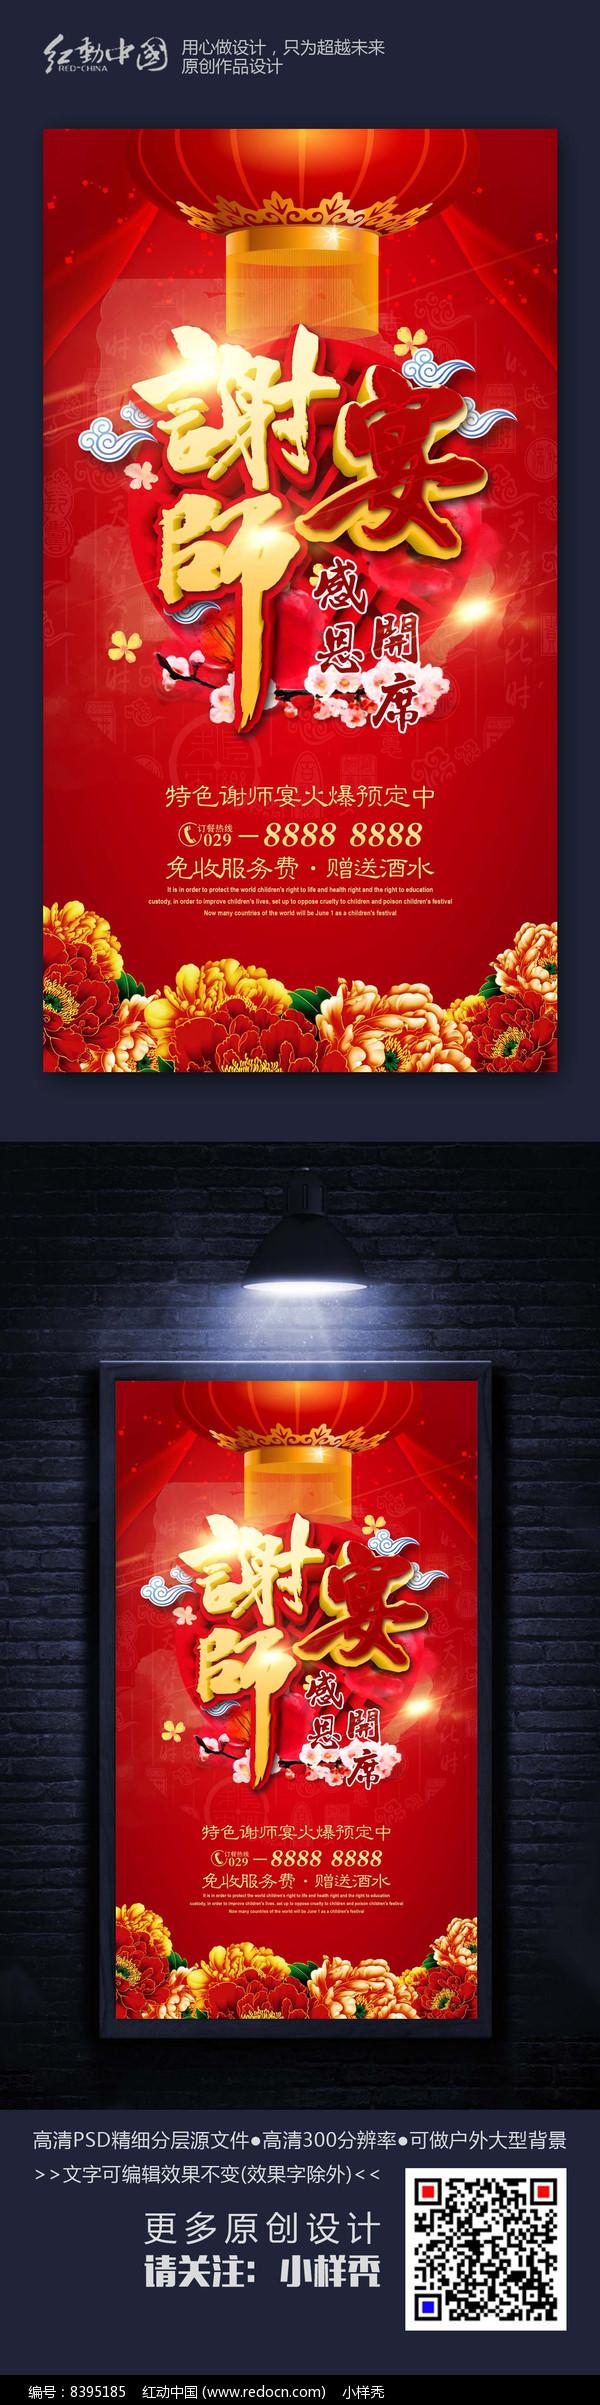 谢师宴精品酒店宣传海报素材图片